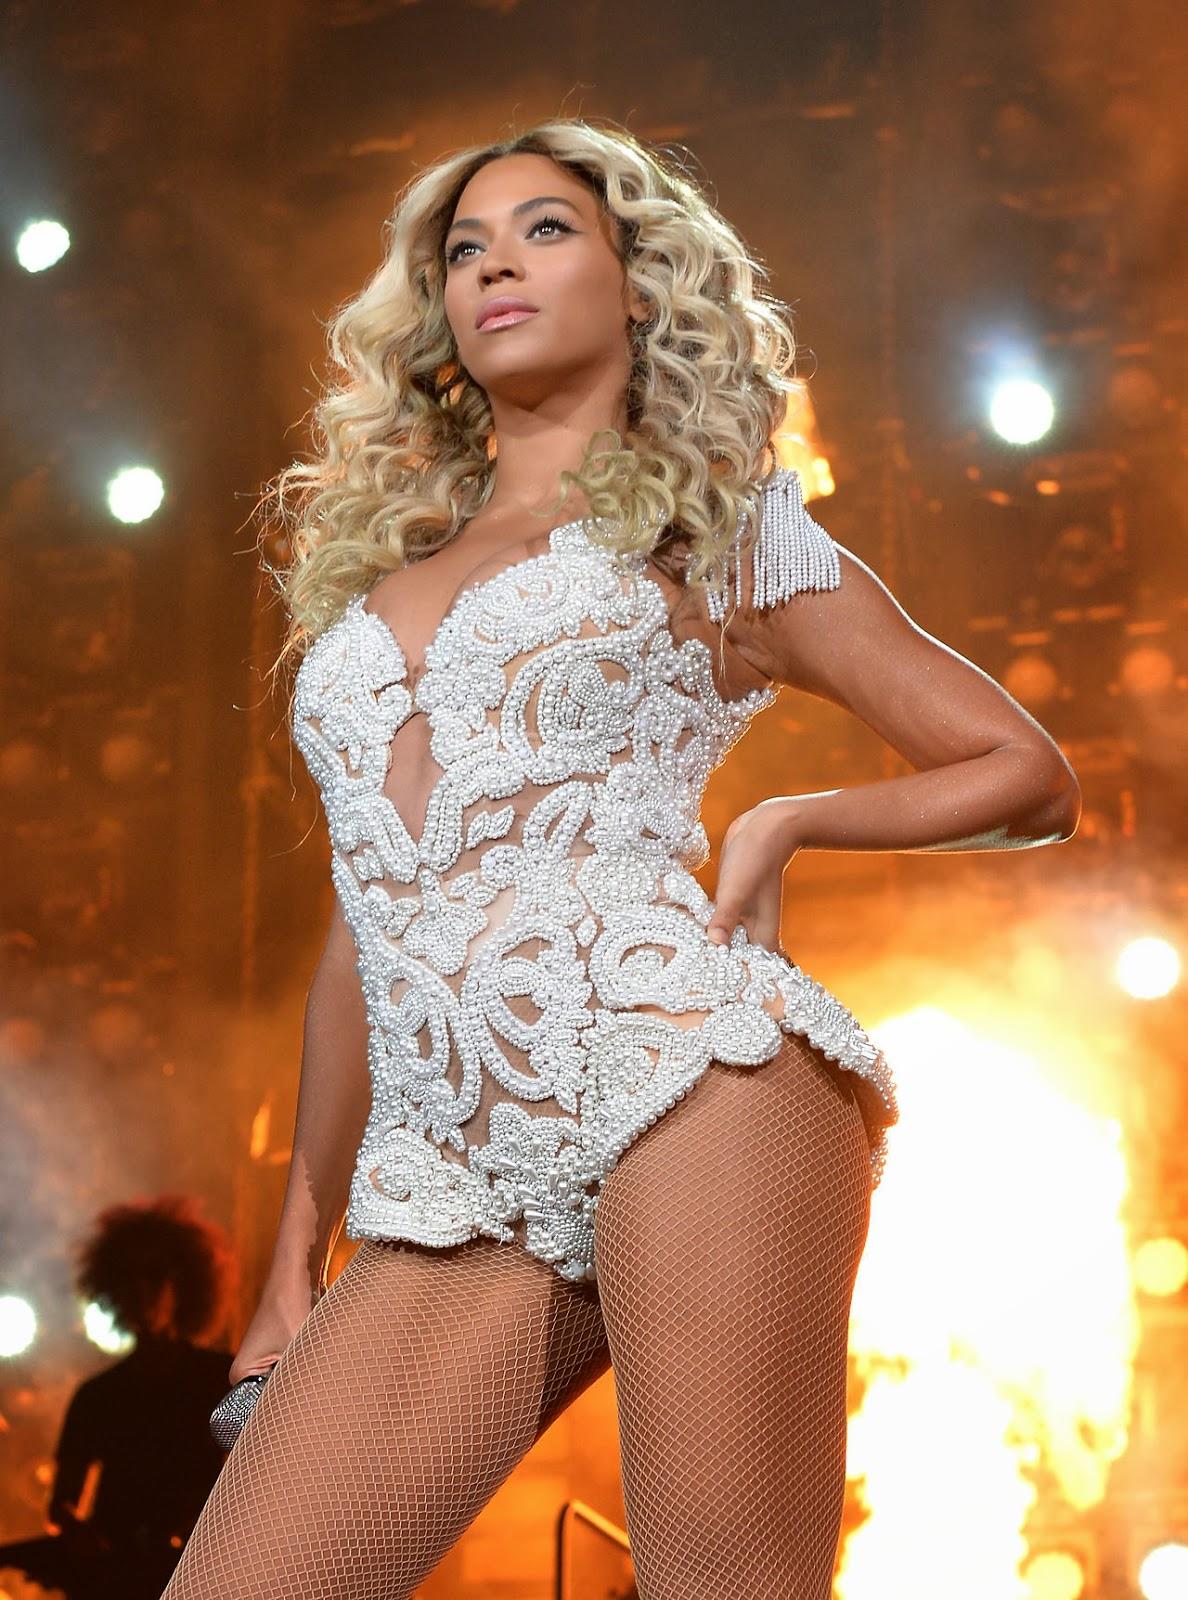 La chanteuse américaine Beyoncé s'apprête un sortir un nouveau single, Runnin' (lose it all). Le clip intègre des images sous-marines en apnée tournées avec Guillaume Néry et Alice Modolo à Rangiroa.